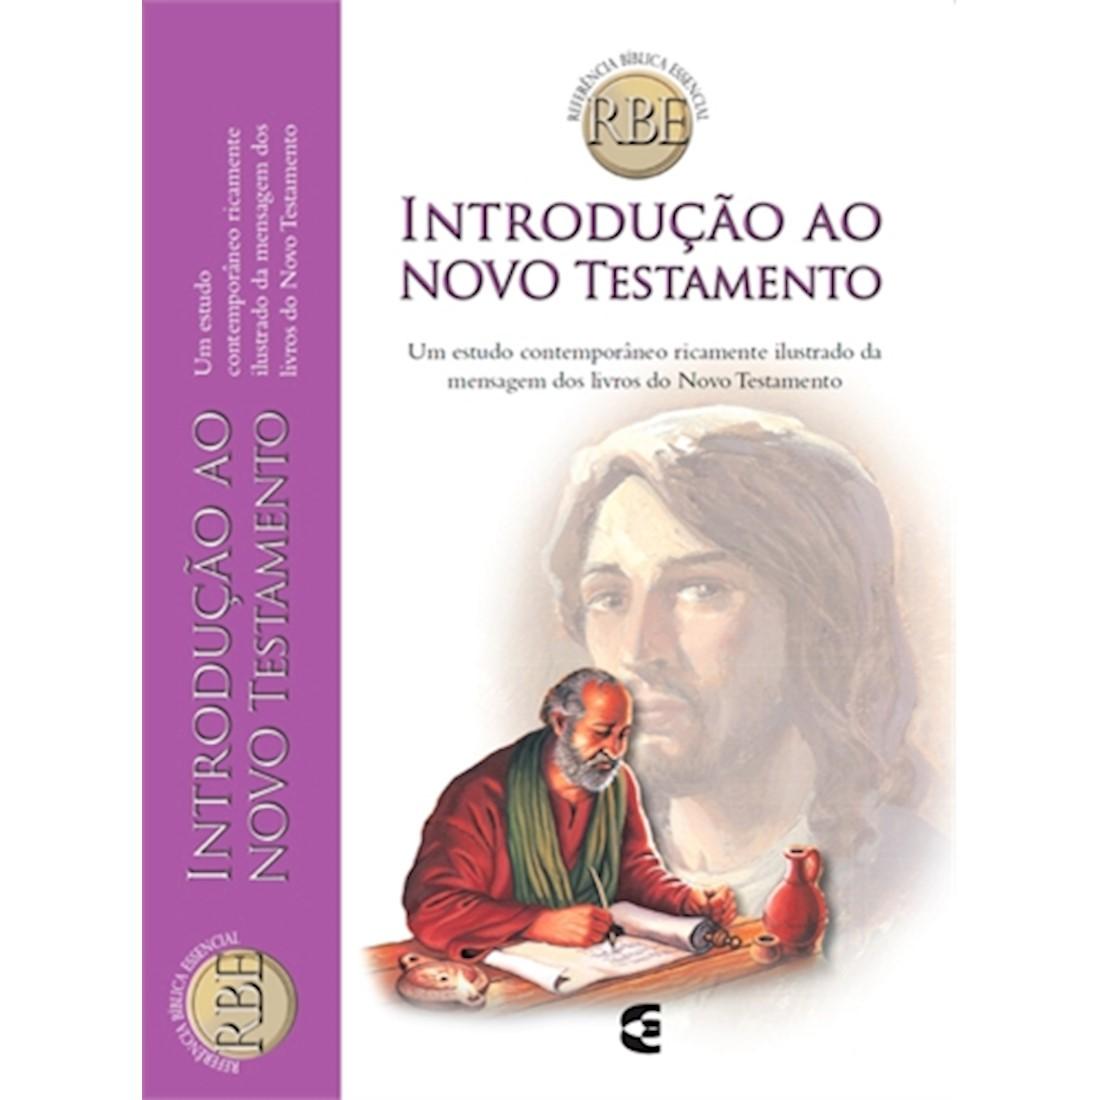 Livro Introdução ao Novo Testamento